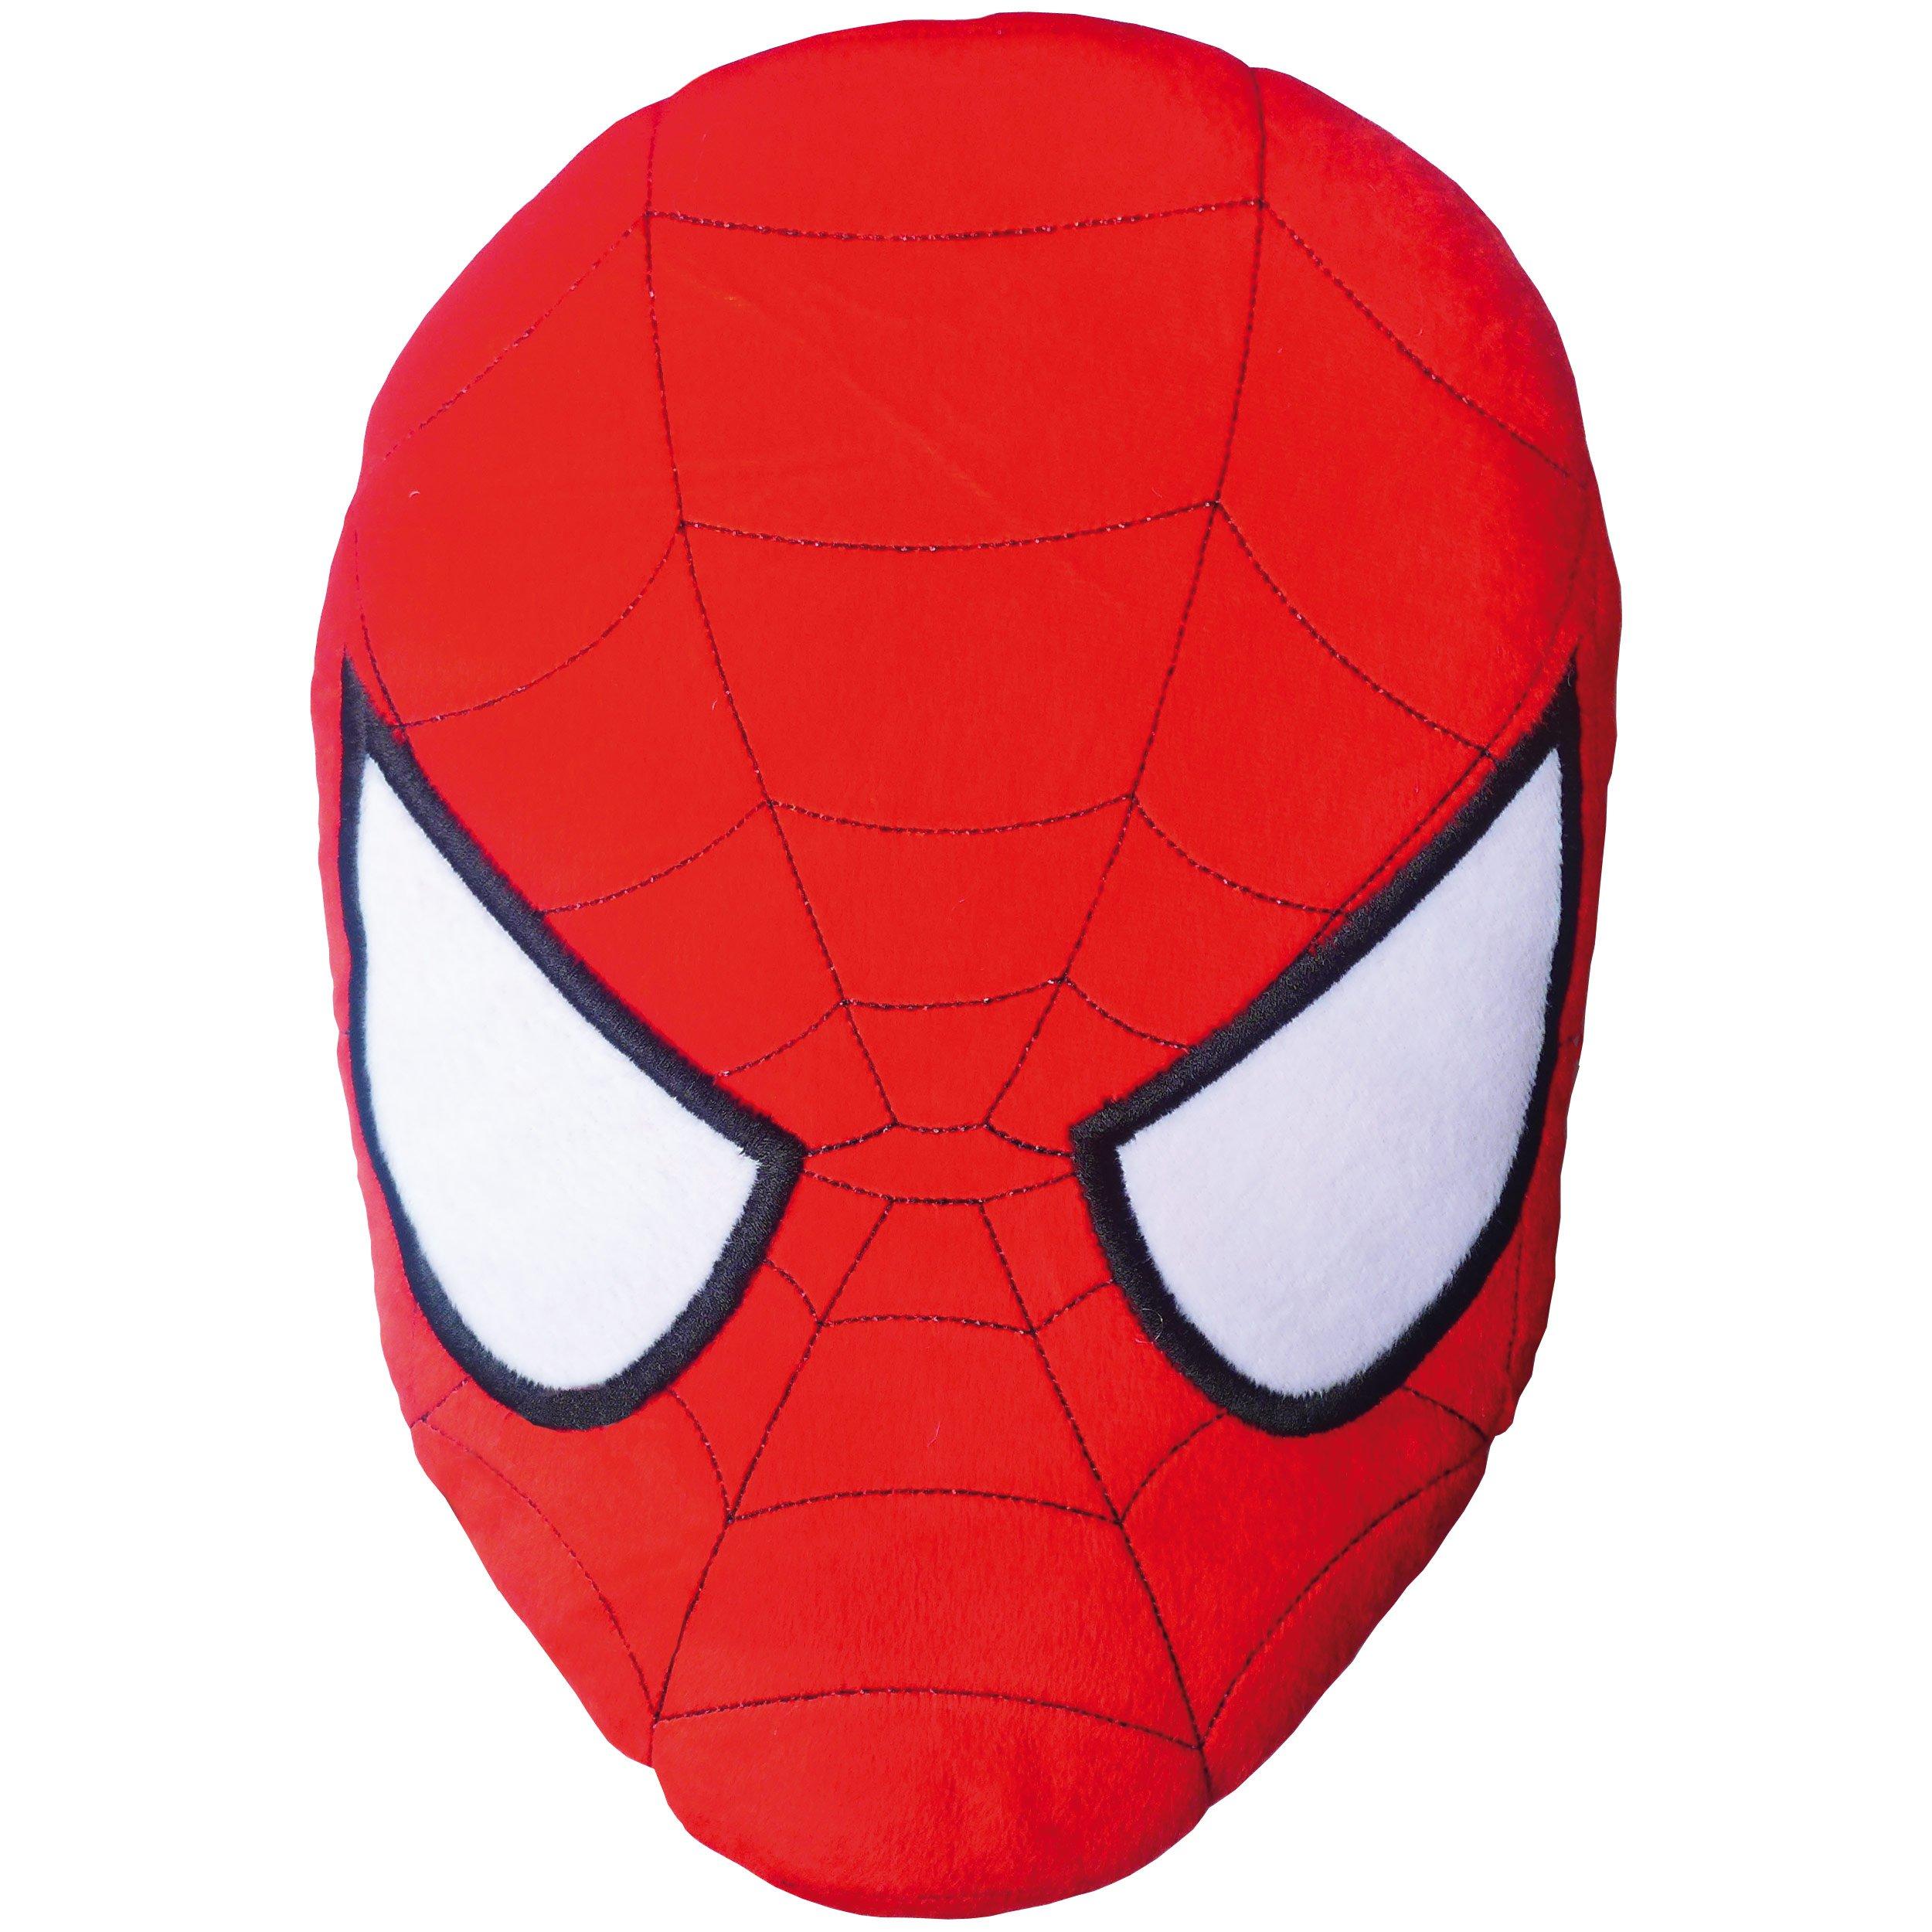 Spiderman 042383 3D, Cuscino, motivo: Maschera di Spiderman, in poliestere, 38 x 36 cm, Rosso (Rot)